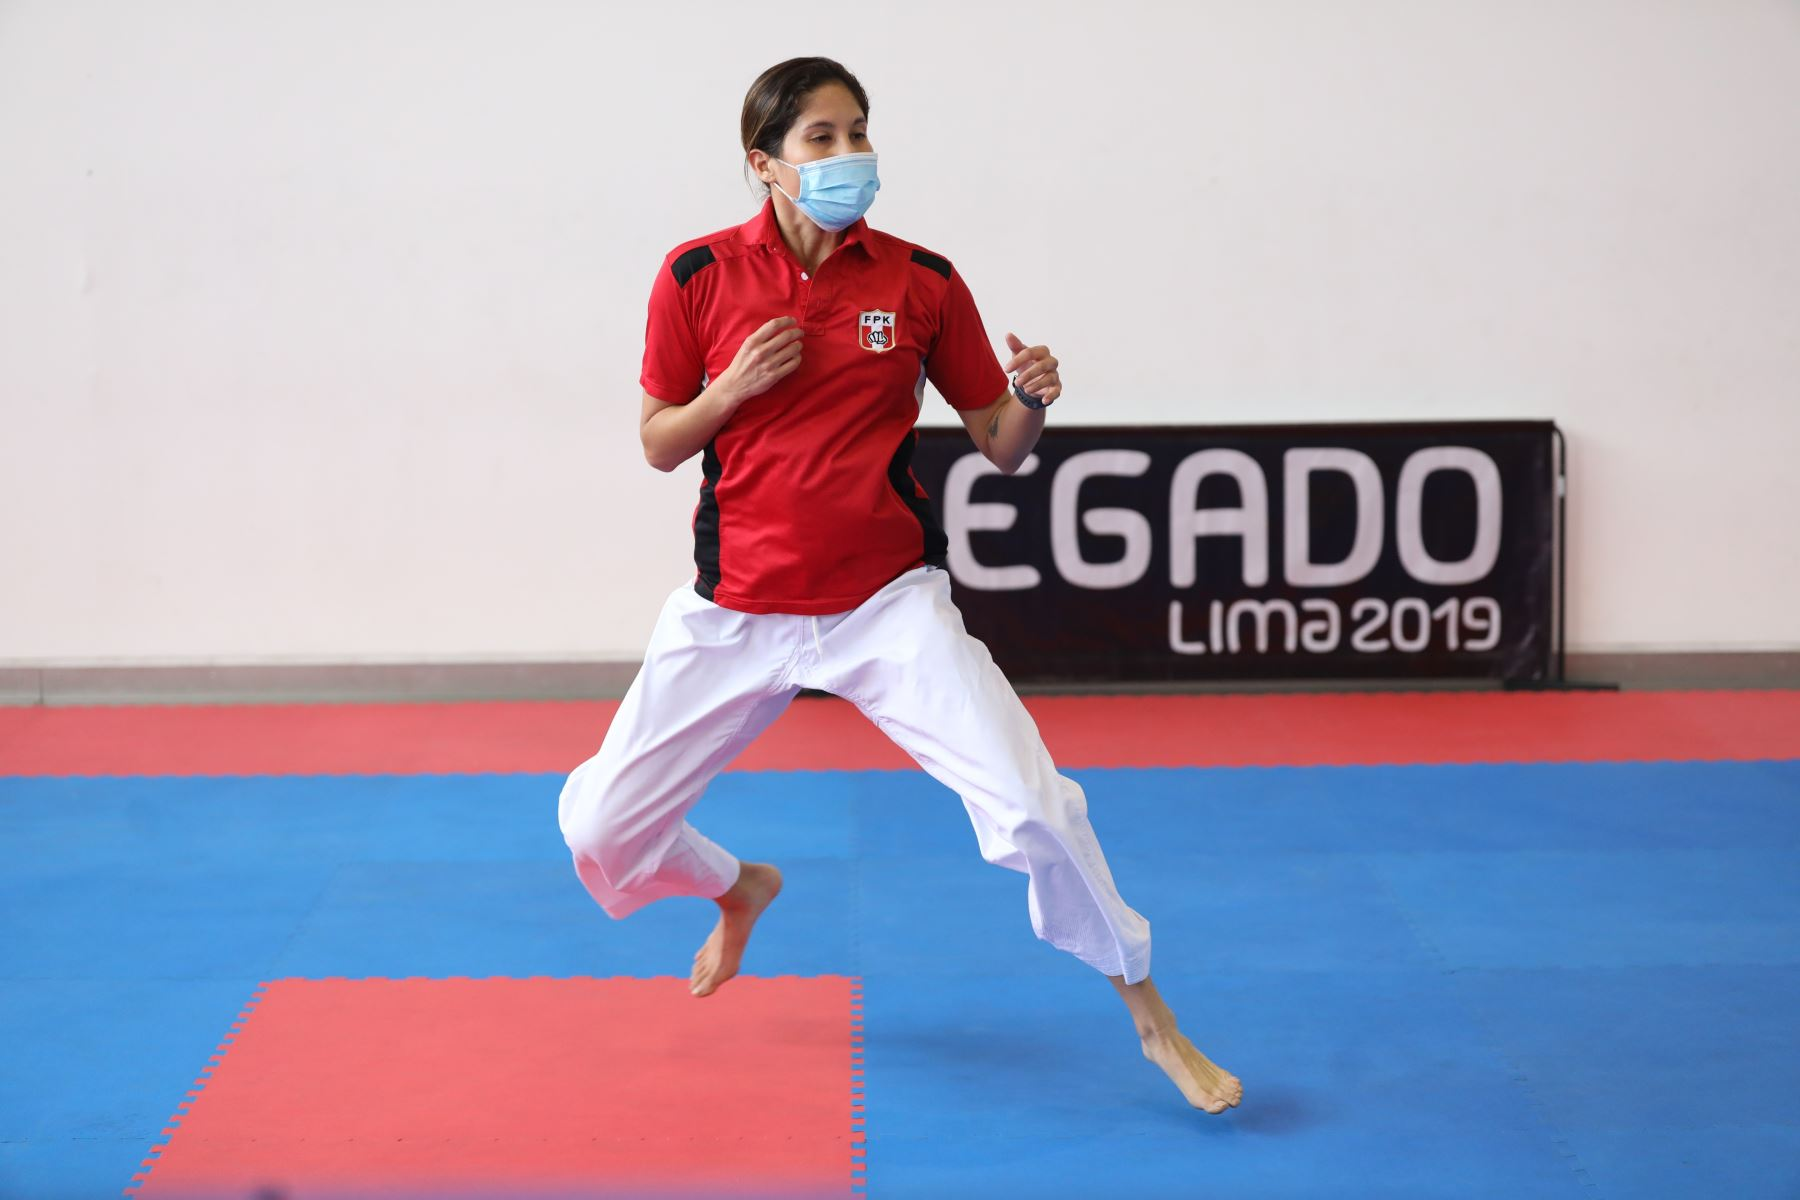 El karate es uno de los deportes que  ya entrena en la Villa Deportiva Nacional (Videna)